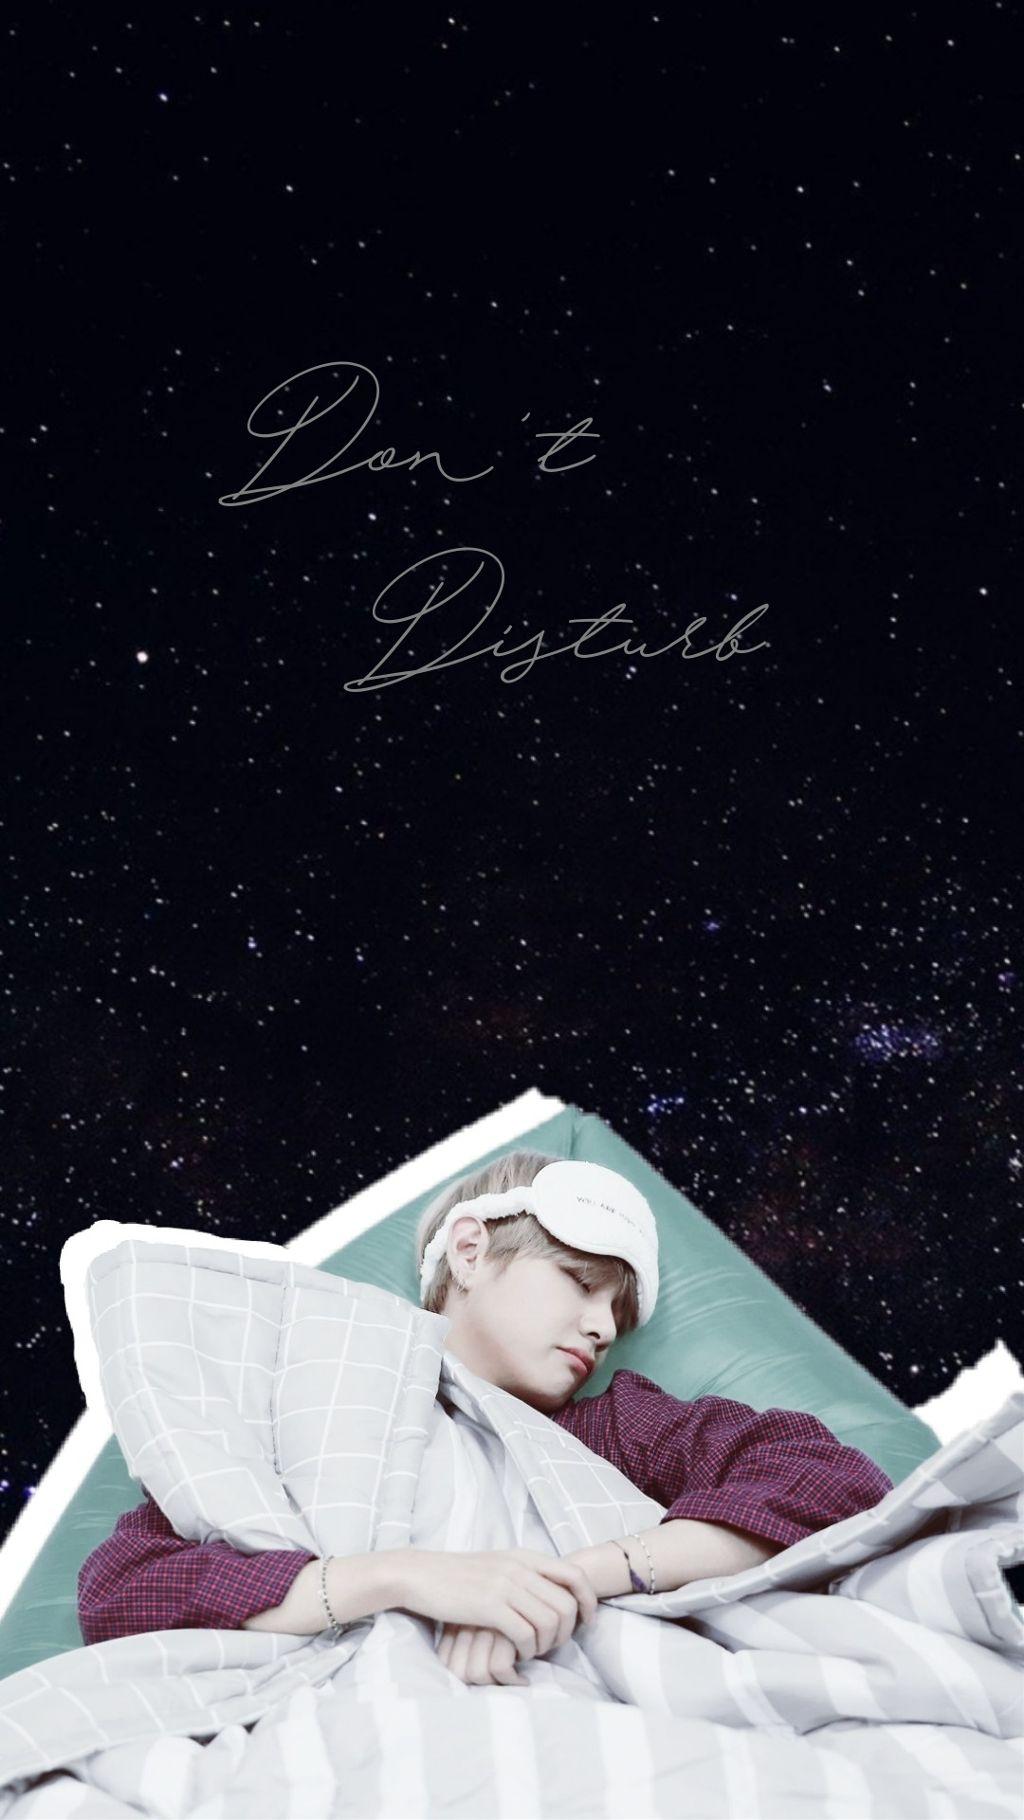 Lolllll Taehyung Wallpaper Taehyung Kpop Bts Wallpaper